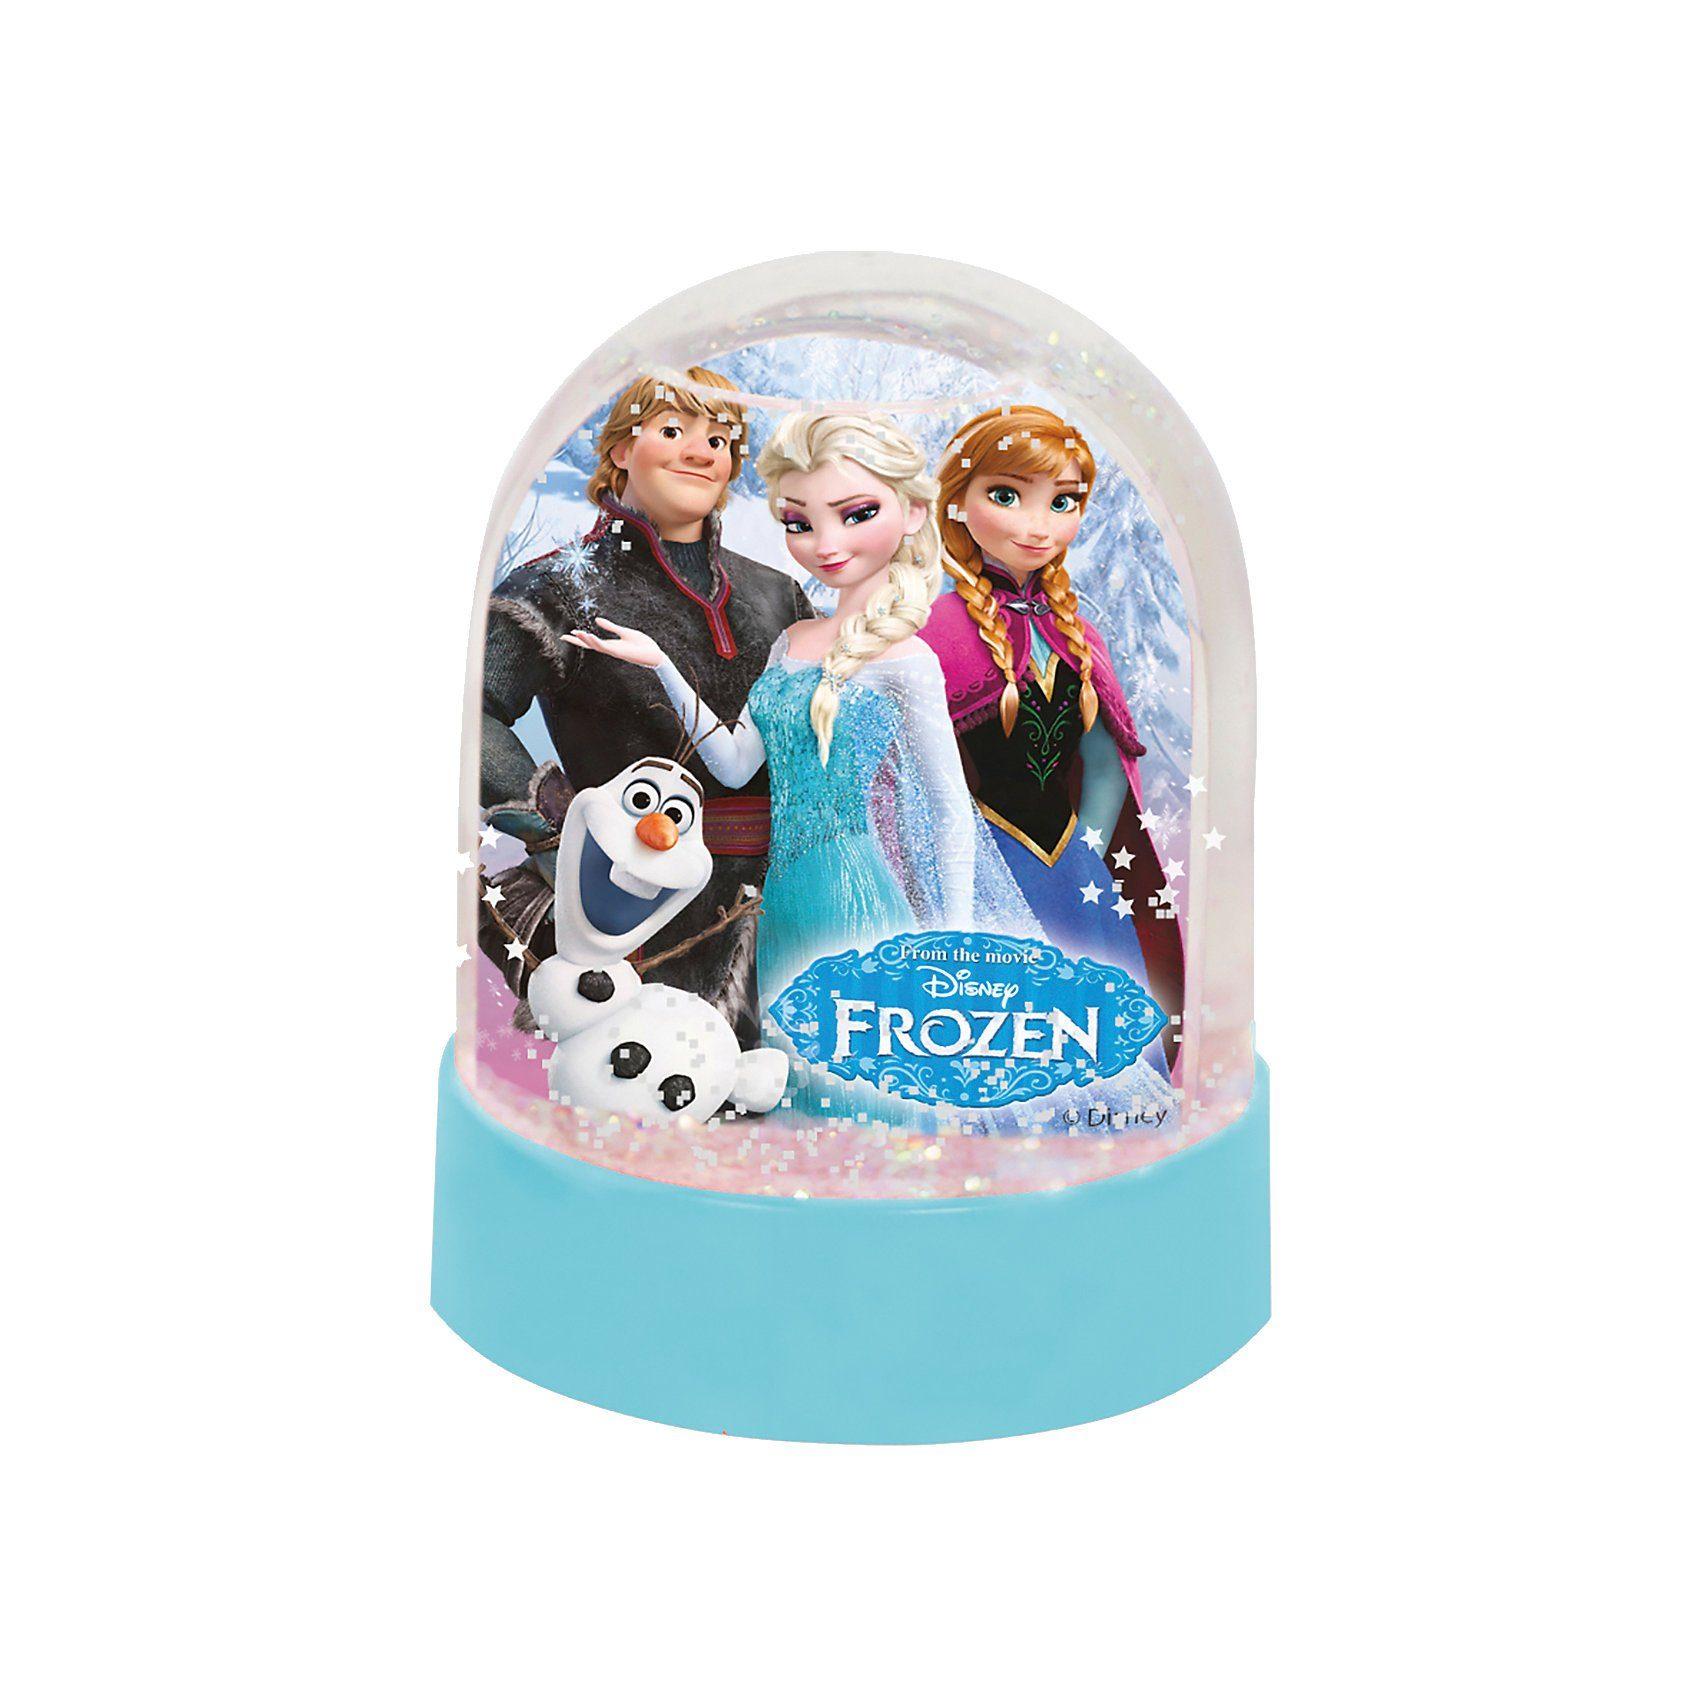 P:OS Schneekugel Die Eiskönigin